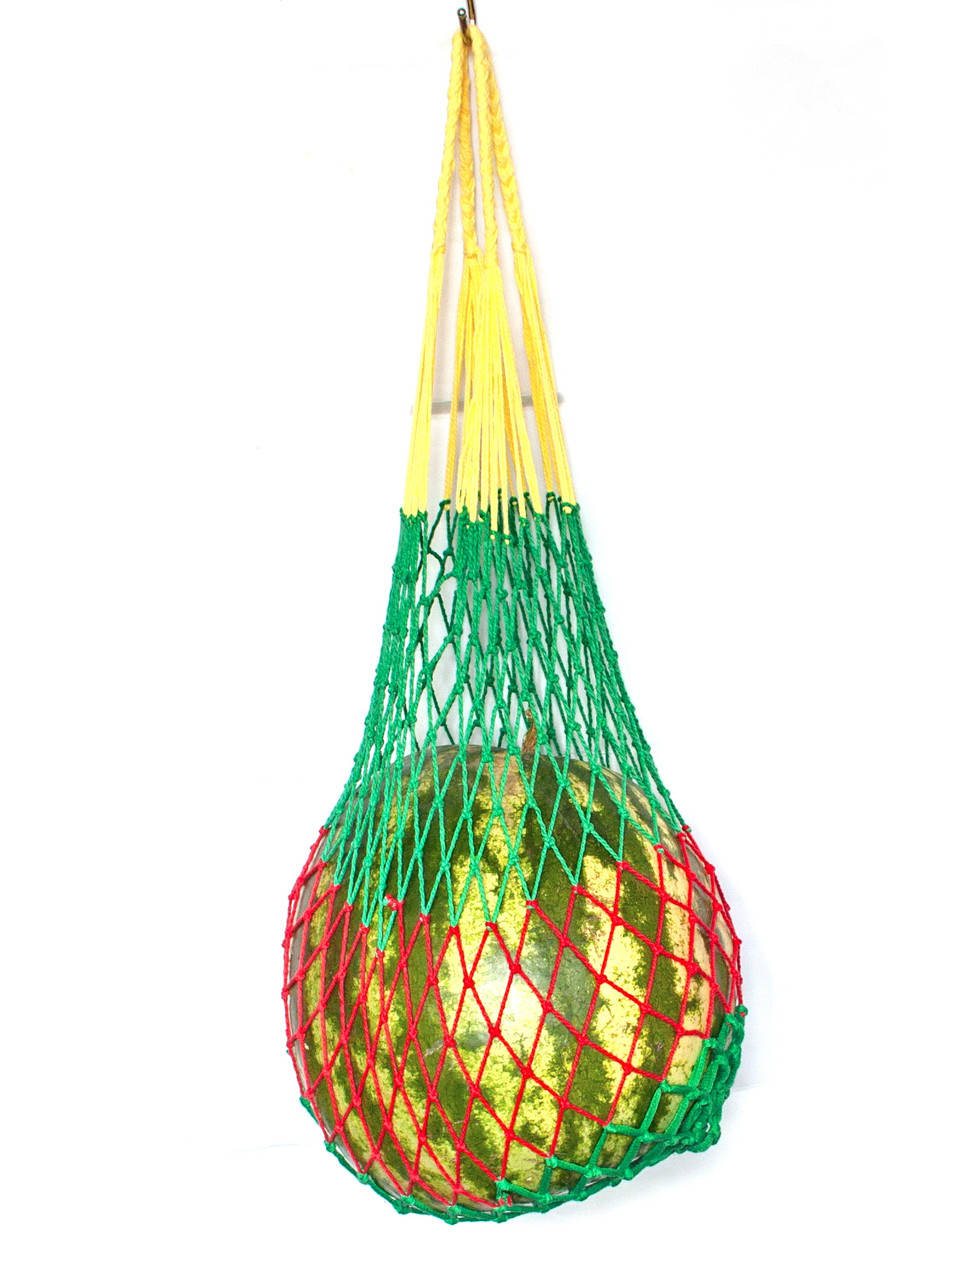 Сумка для Арбуза - Шопер сумка - Эко сумка - Эксклюзивная Французская сумка